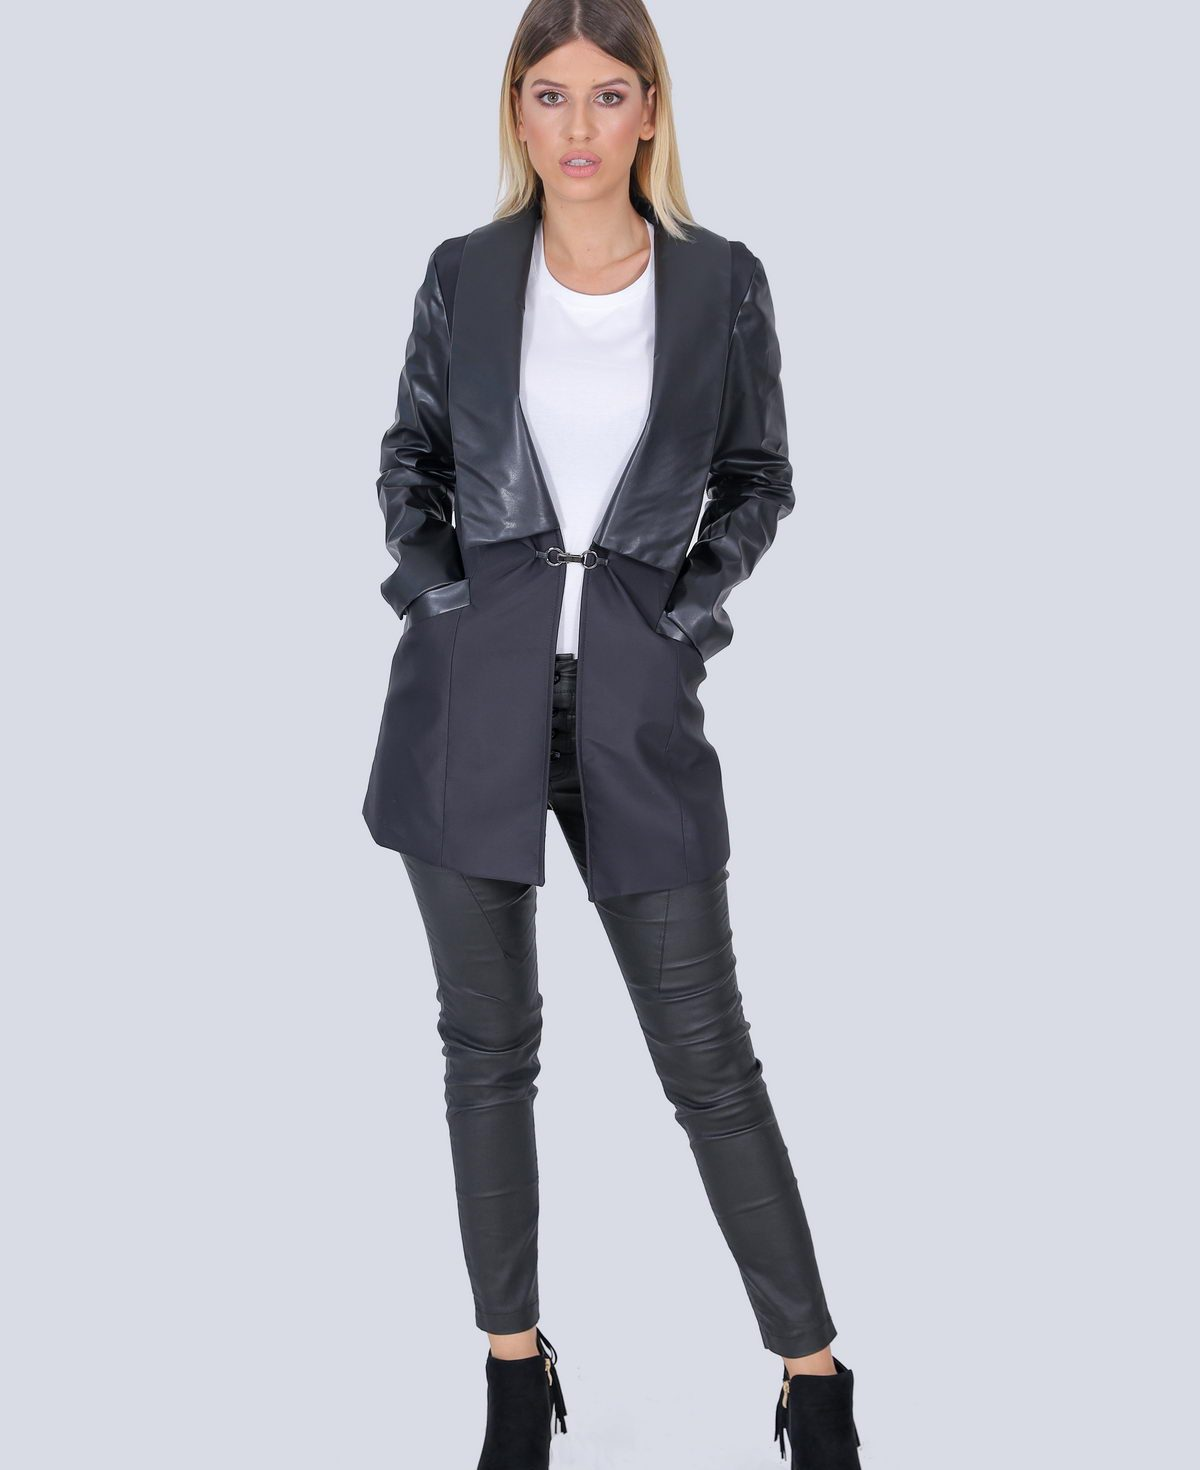 Ženska jakna ForteFashion model A9